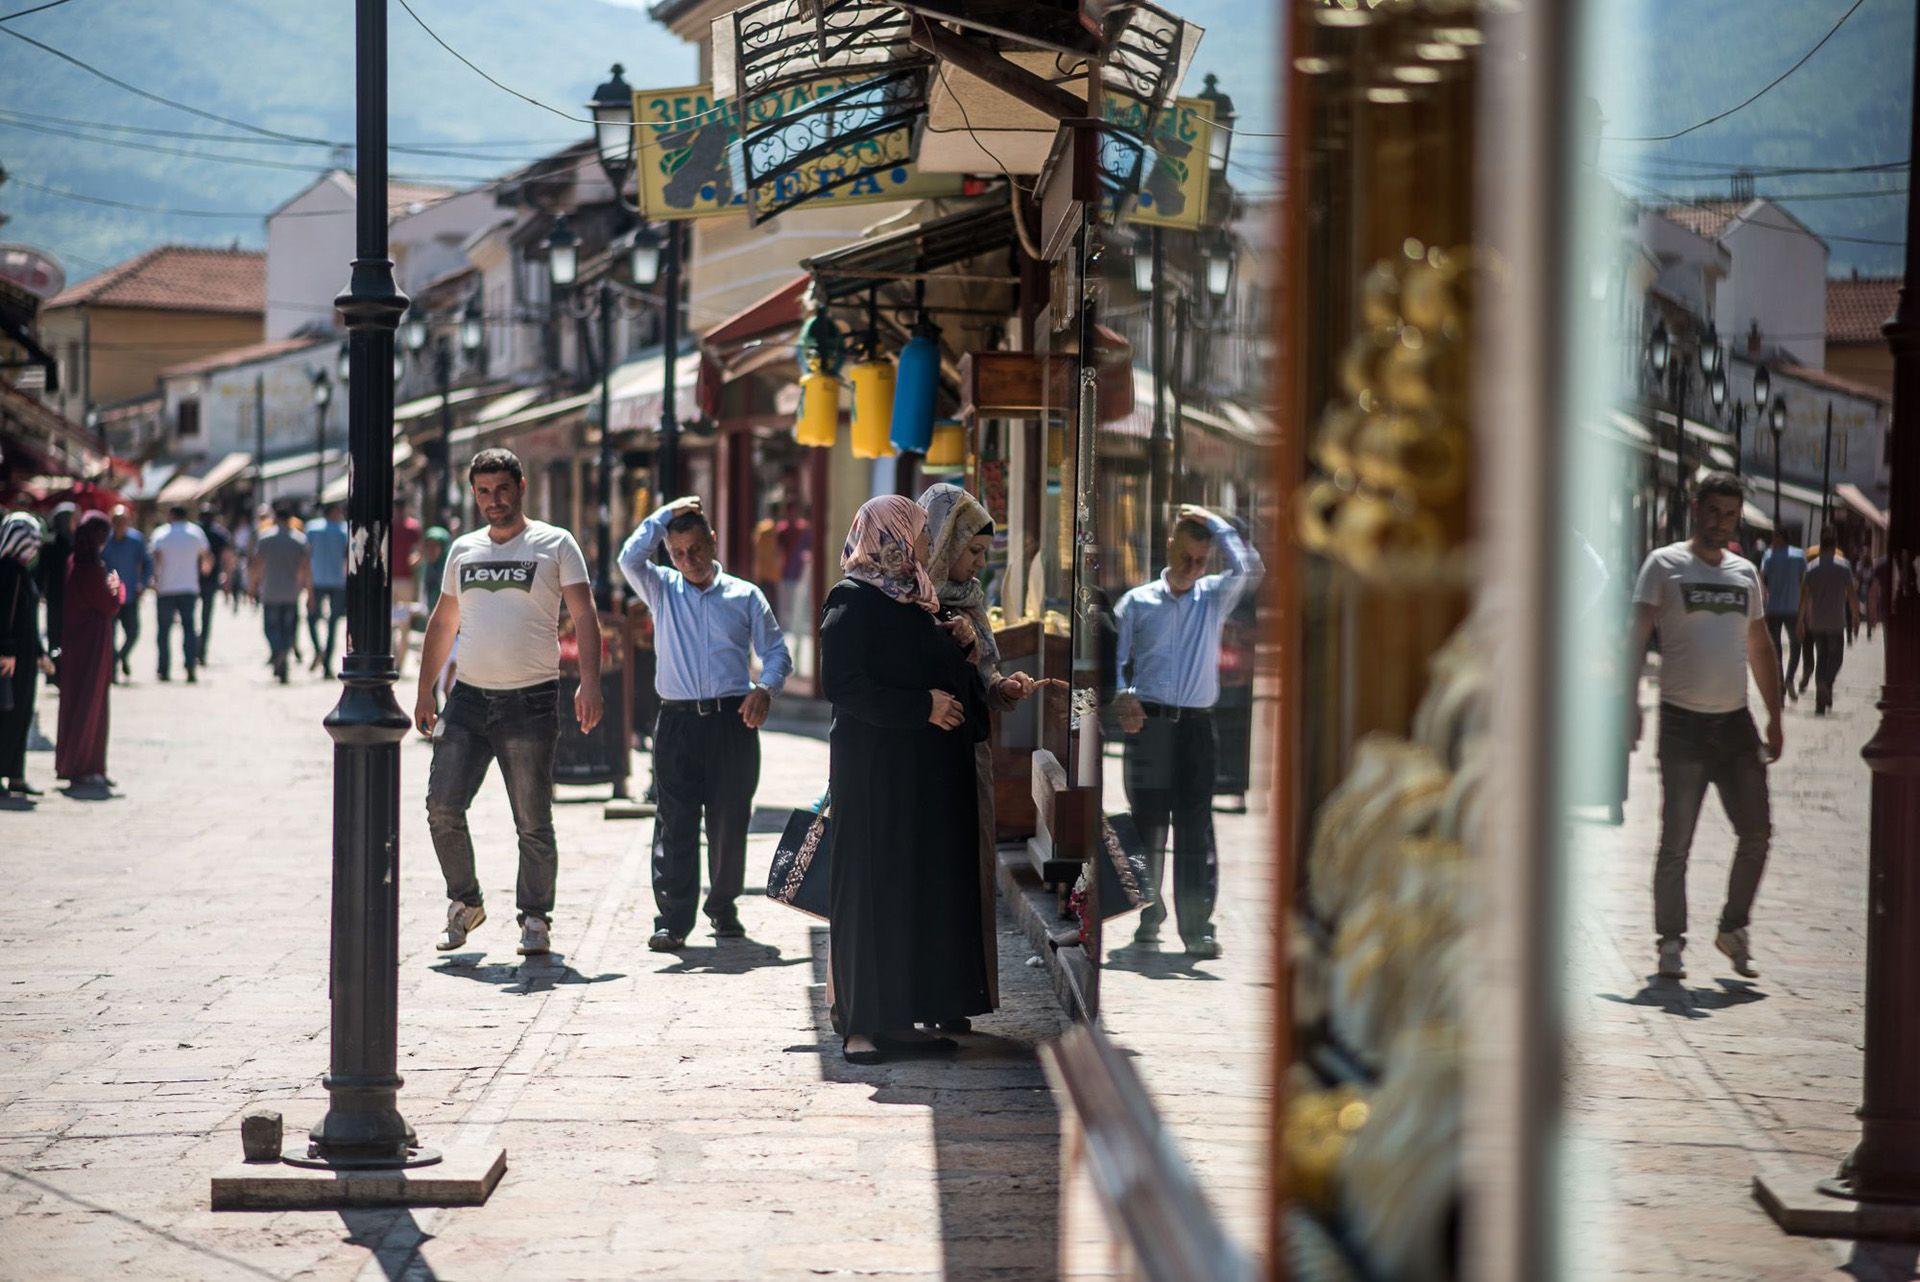 Szkopje, Macedónia (fotó: Neményi Márton)